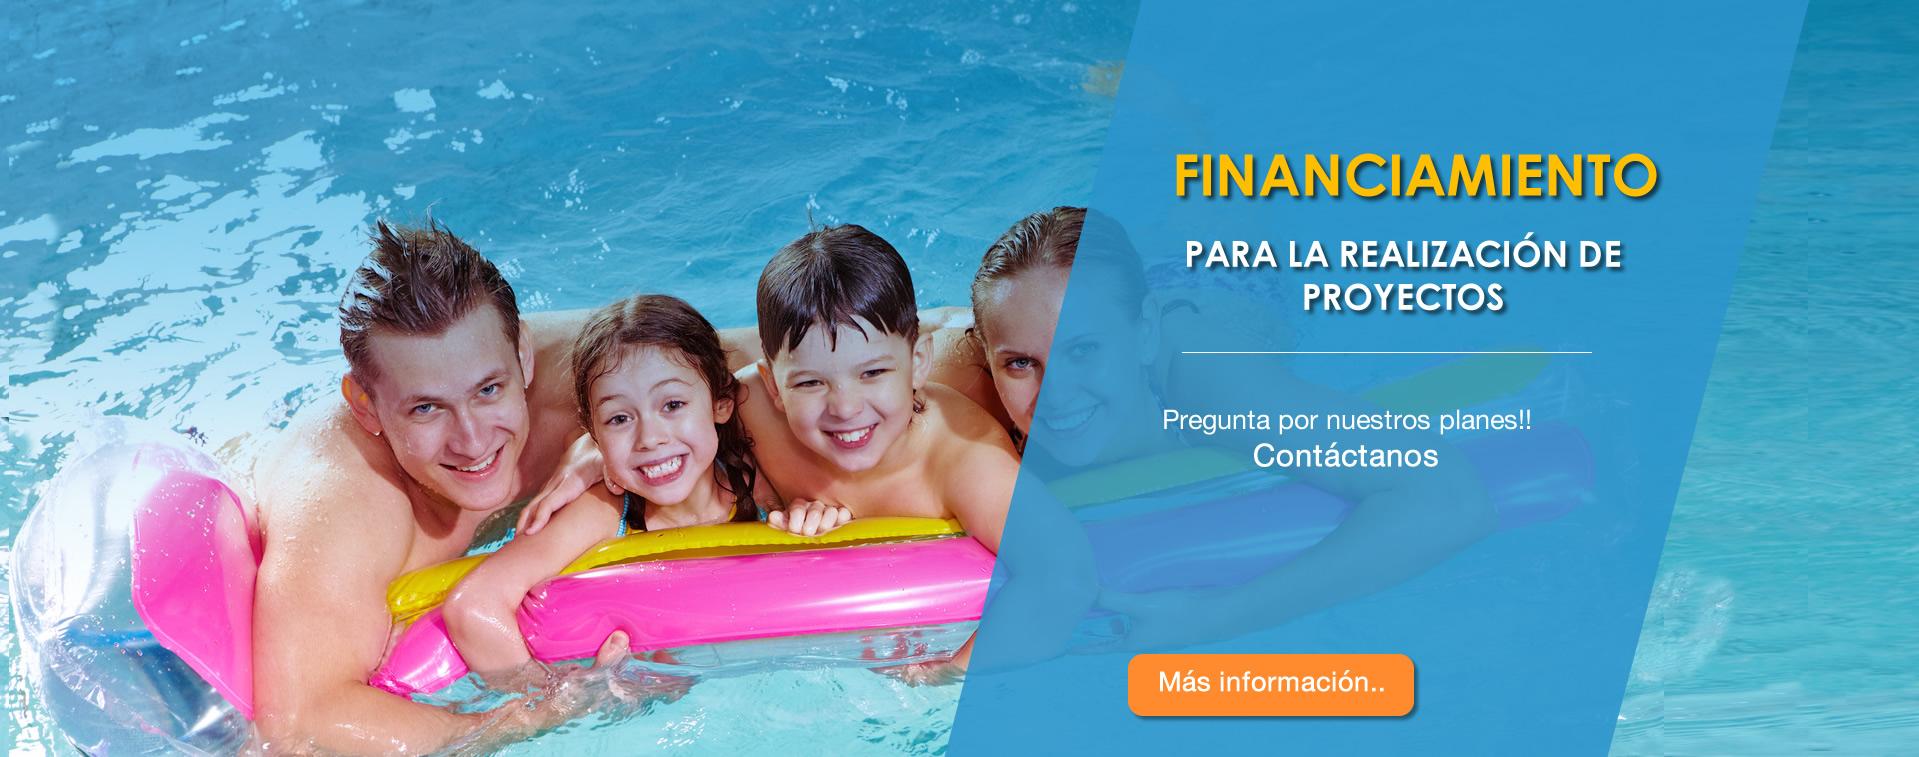 piscinas-finananciamiento